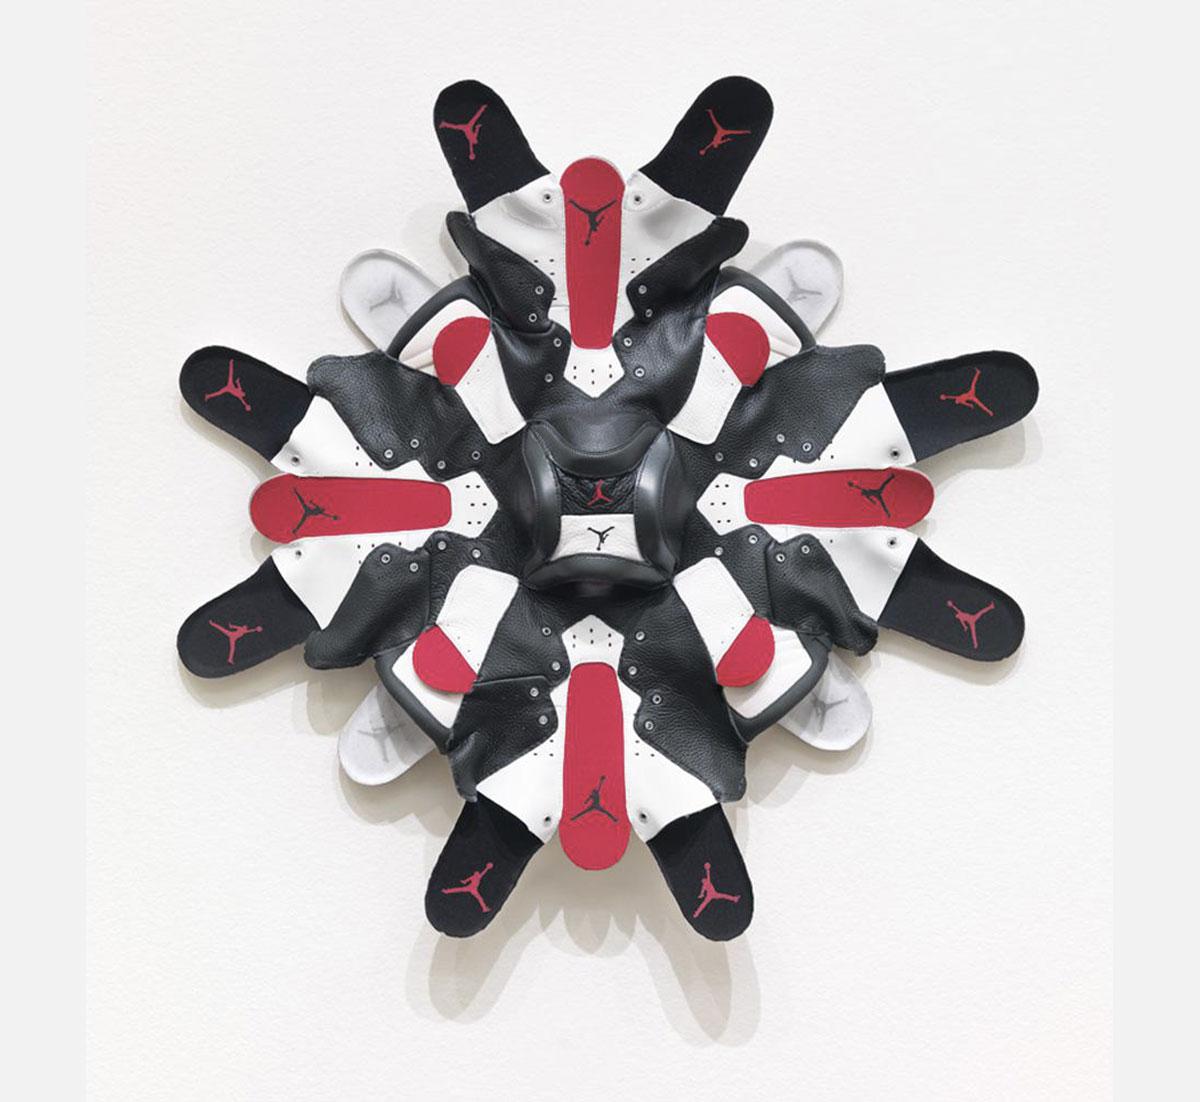 Brian jungen masques sneakers art 1 - Brian Jungen fait de vos sneakers préférées des masques traditionnels